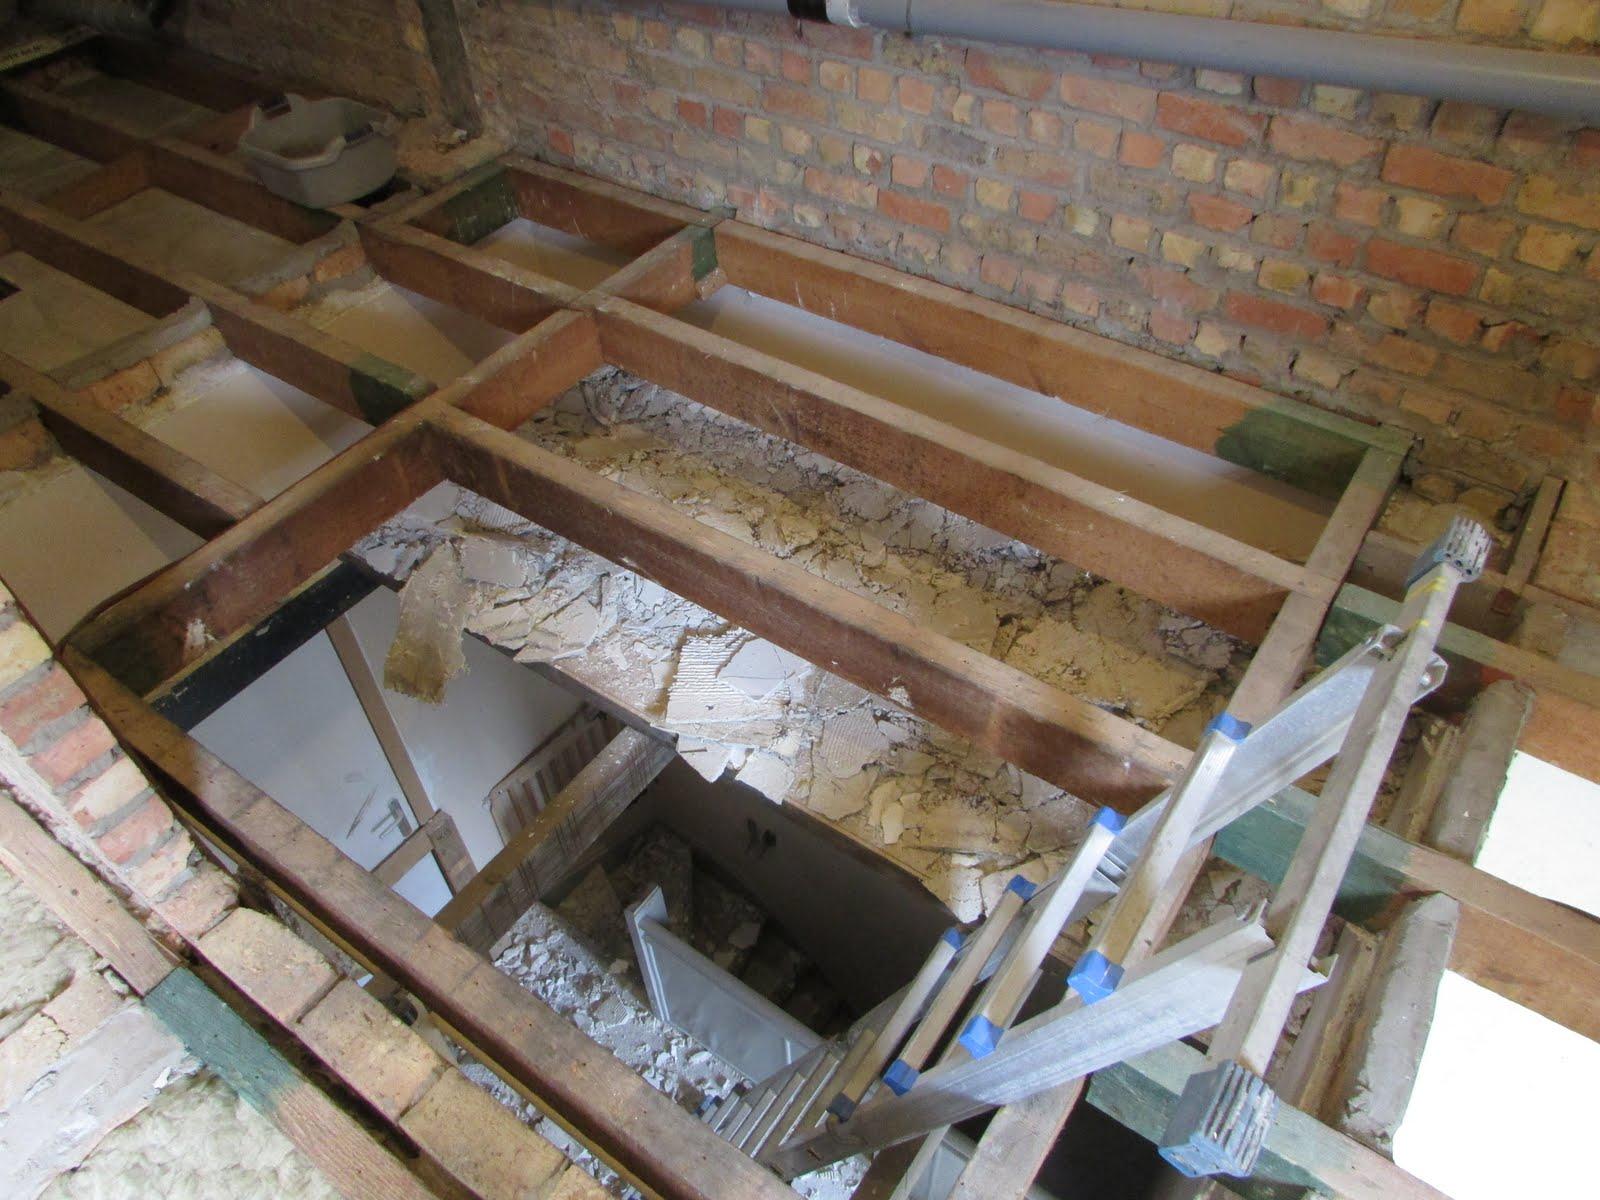 Verbouwing van ons ouderlijk huis afbraak boven dag 4 - Beneden trap ...